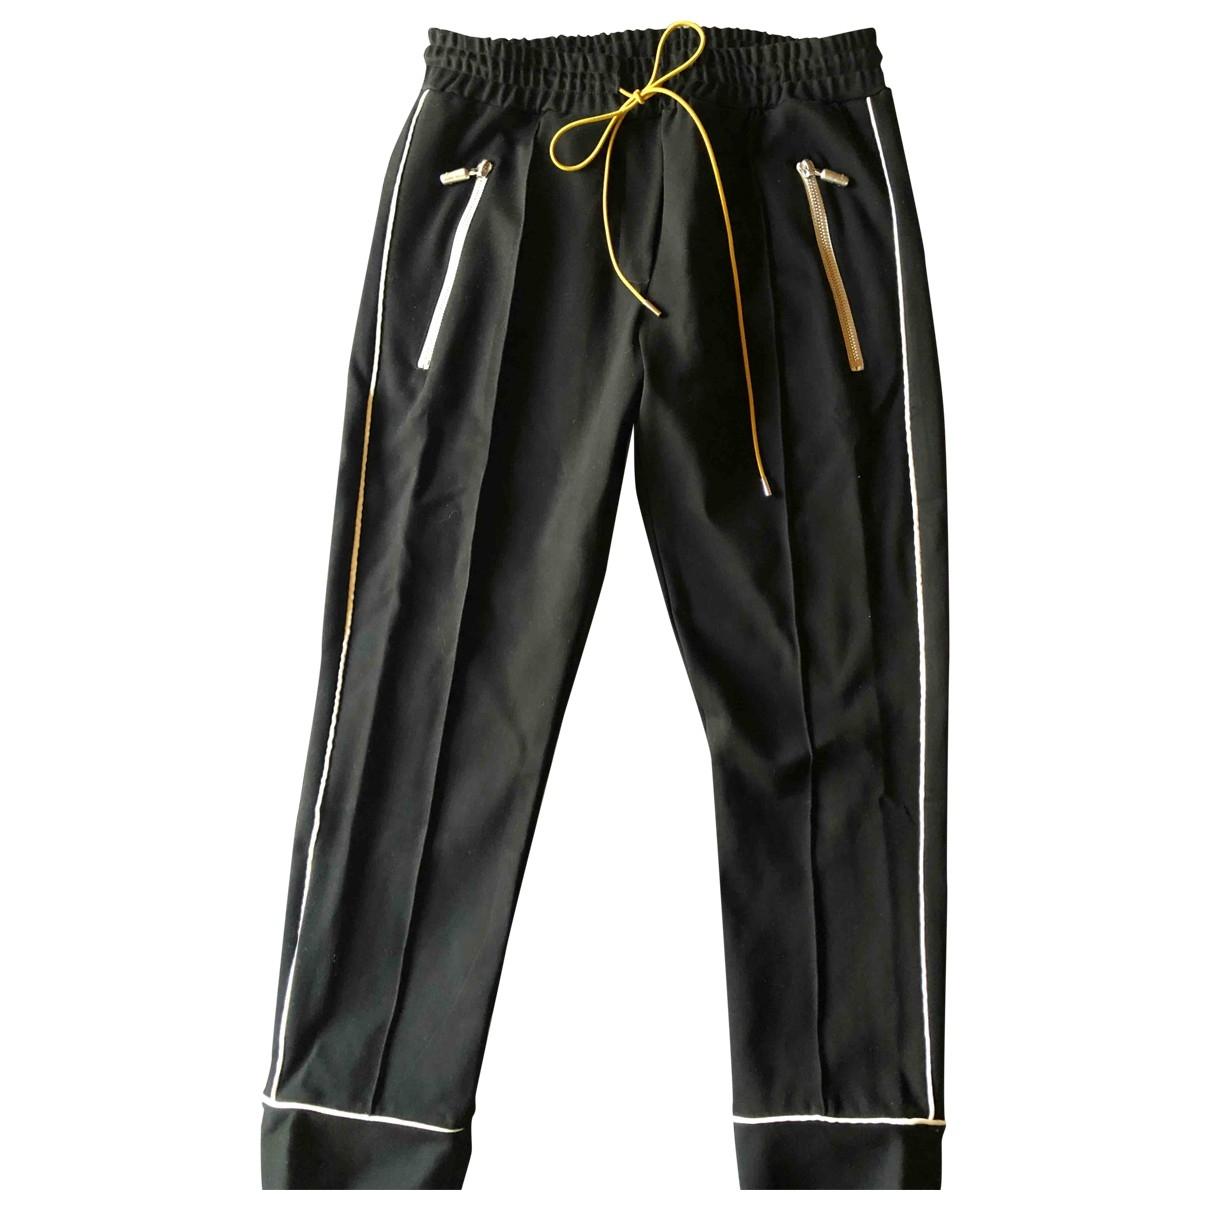 Rhude \N Black Trousers for Men M International